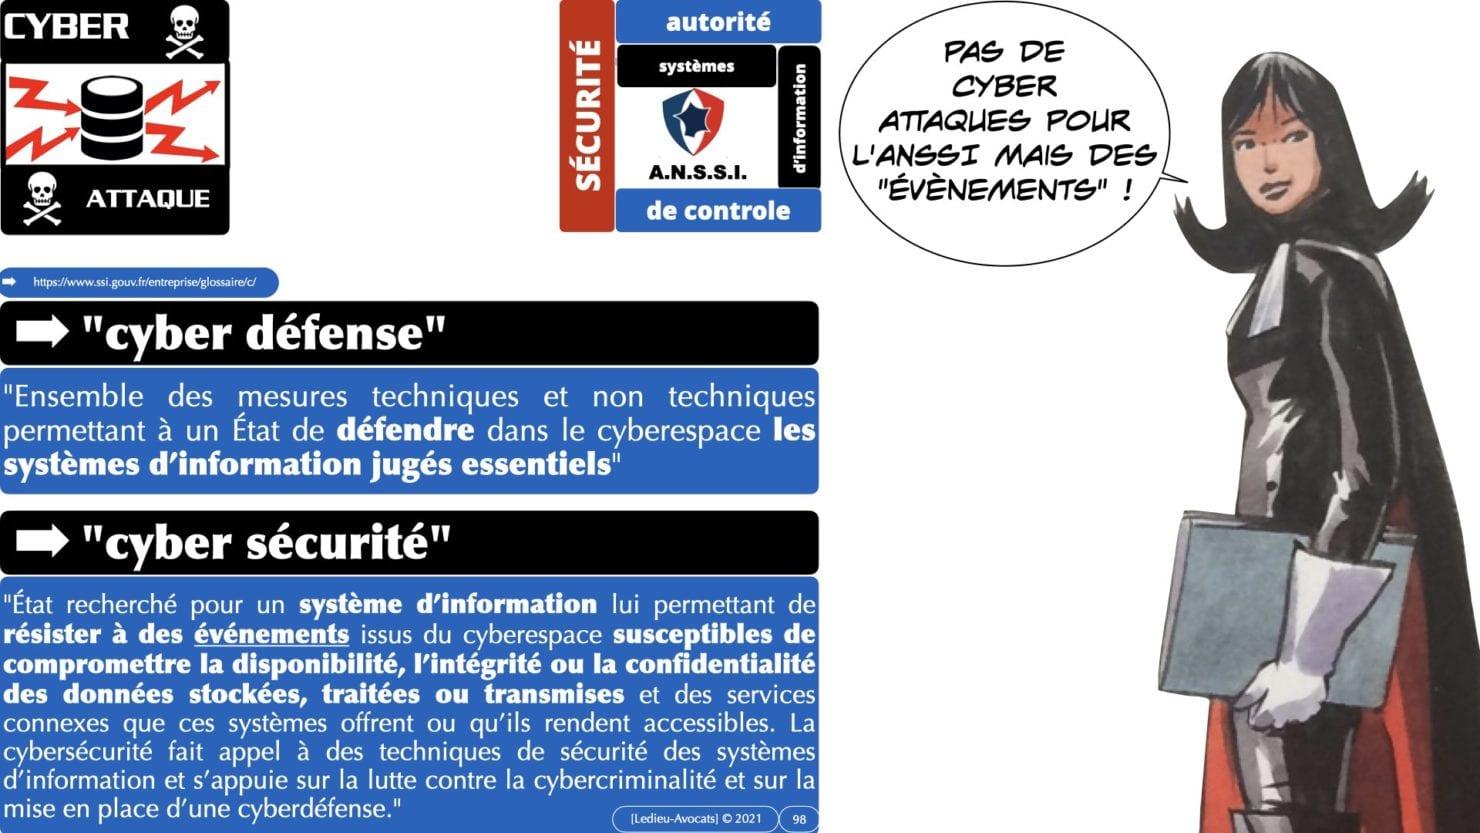 333 CYBER ATTAQUE responsabilité pénale civile contrat © Ledieu-Avocats 23-05-2021.098